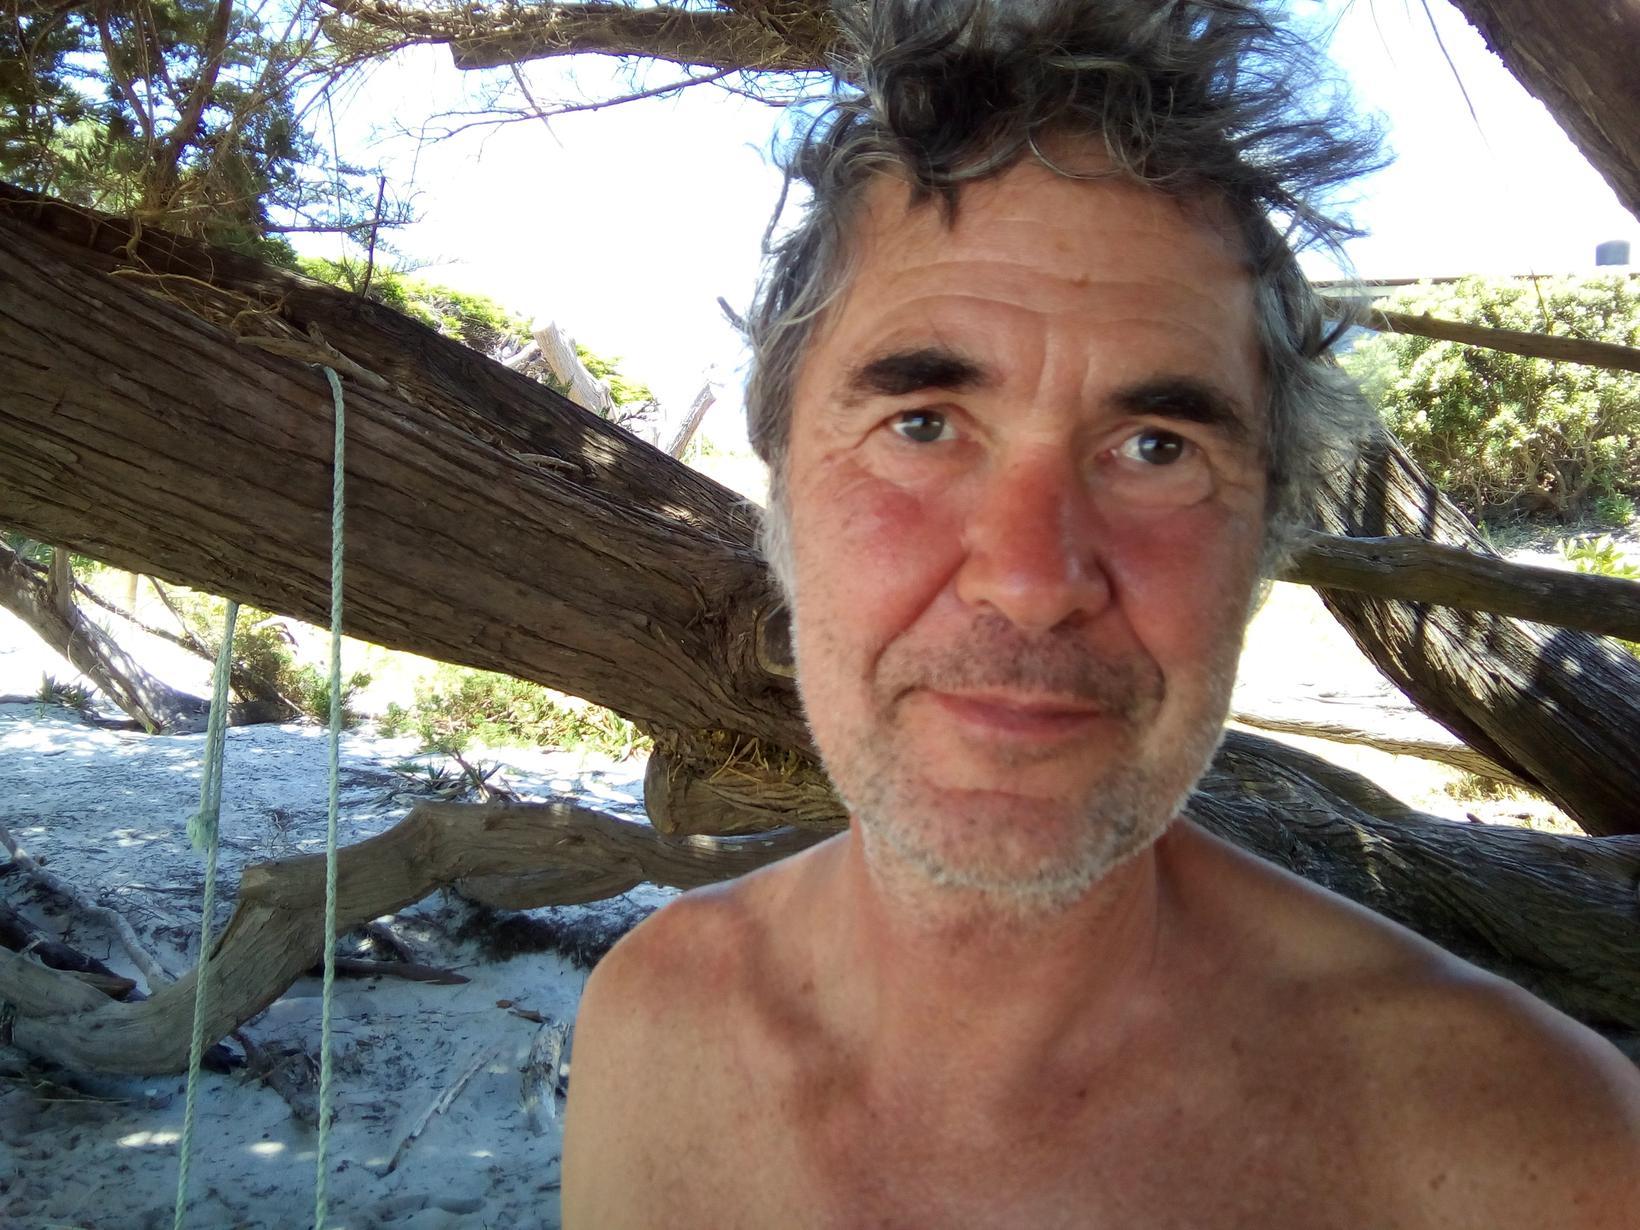 Stuart from Newquay, United Kingdom